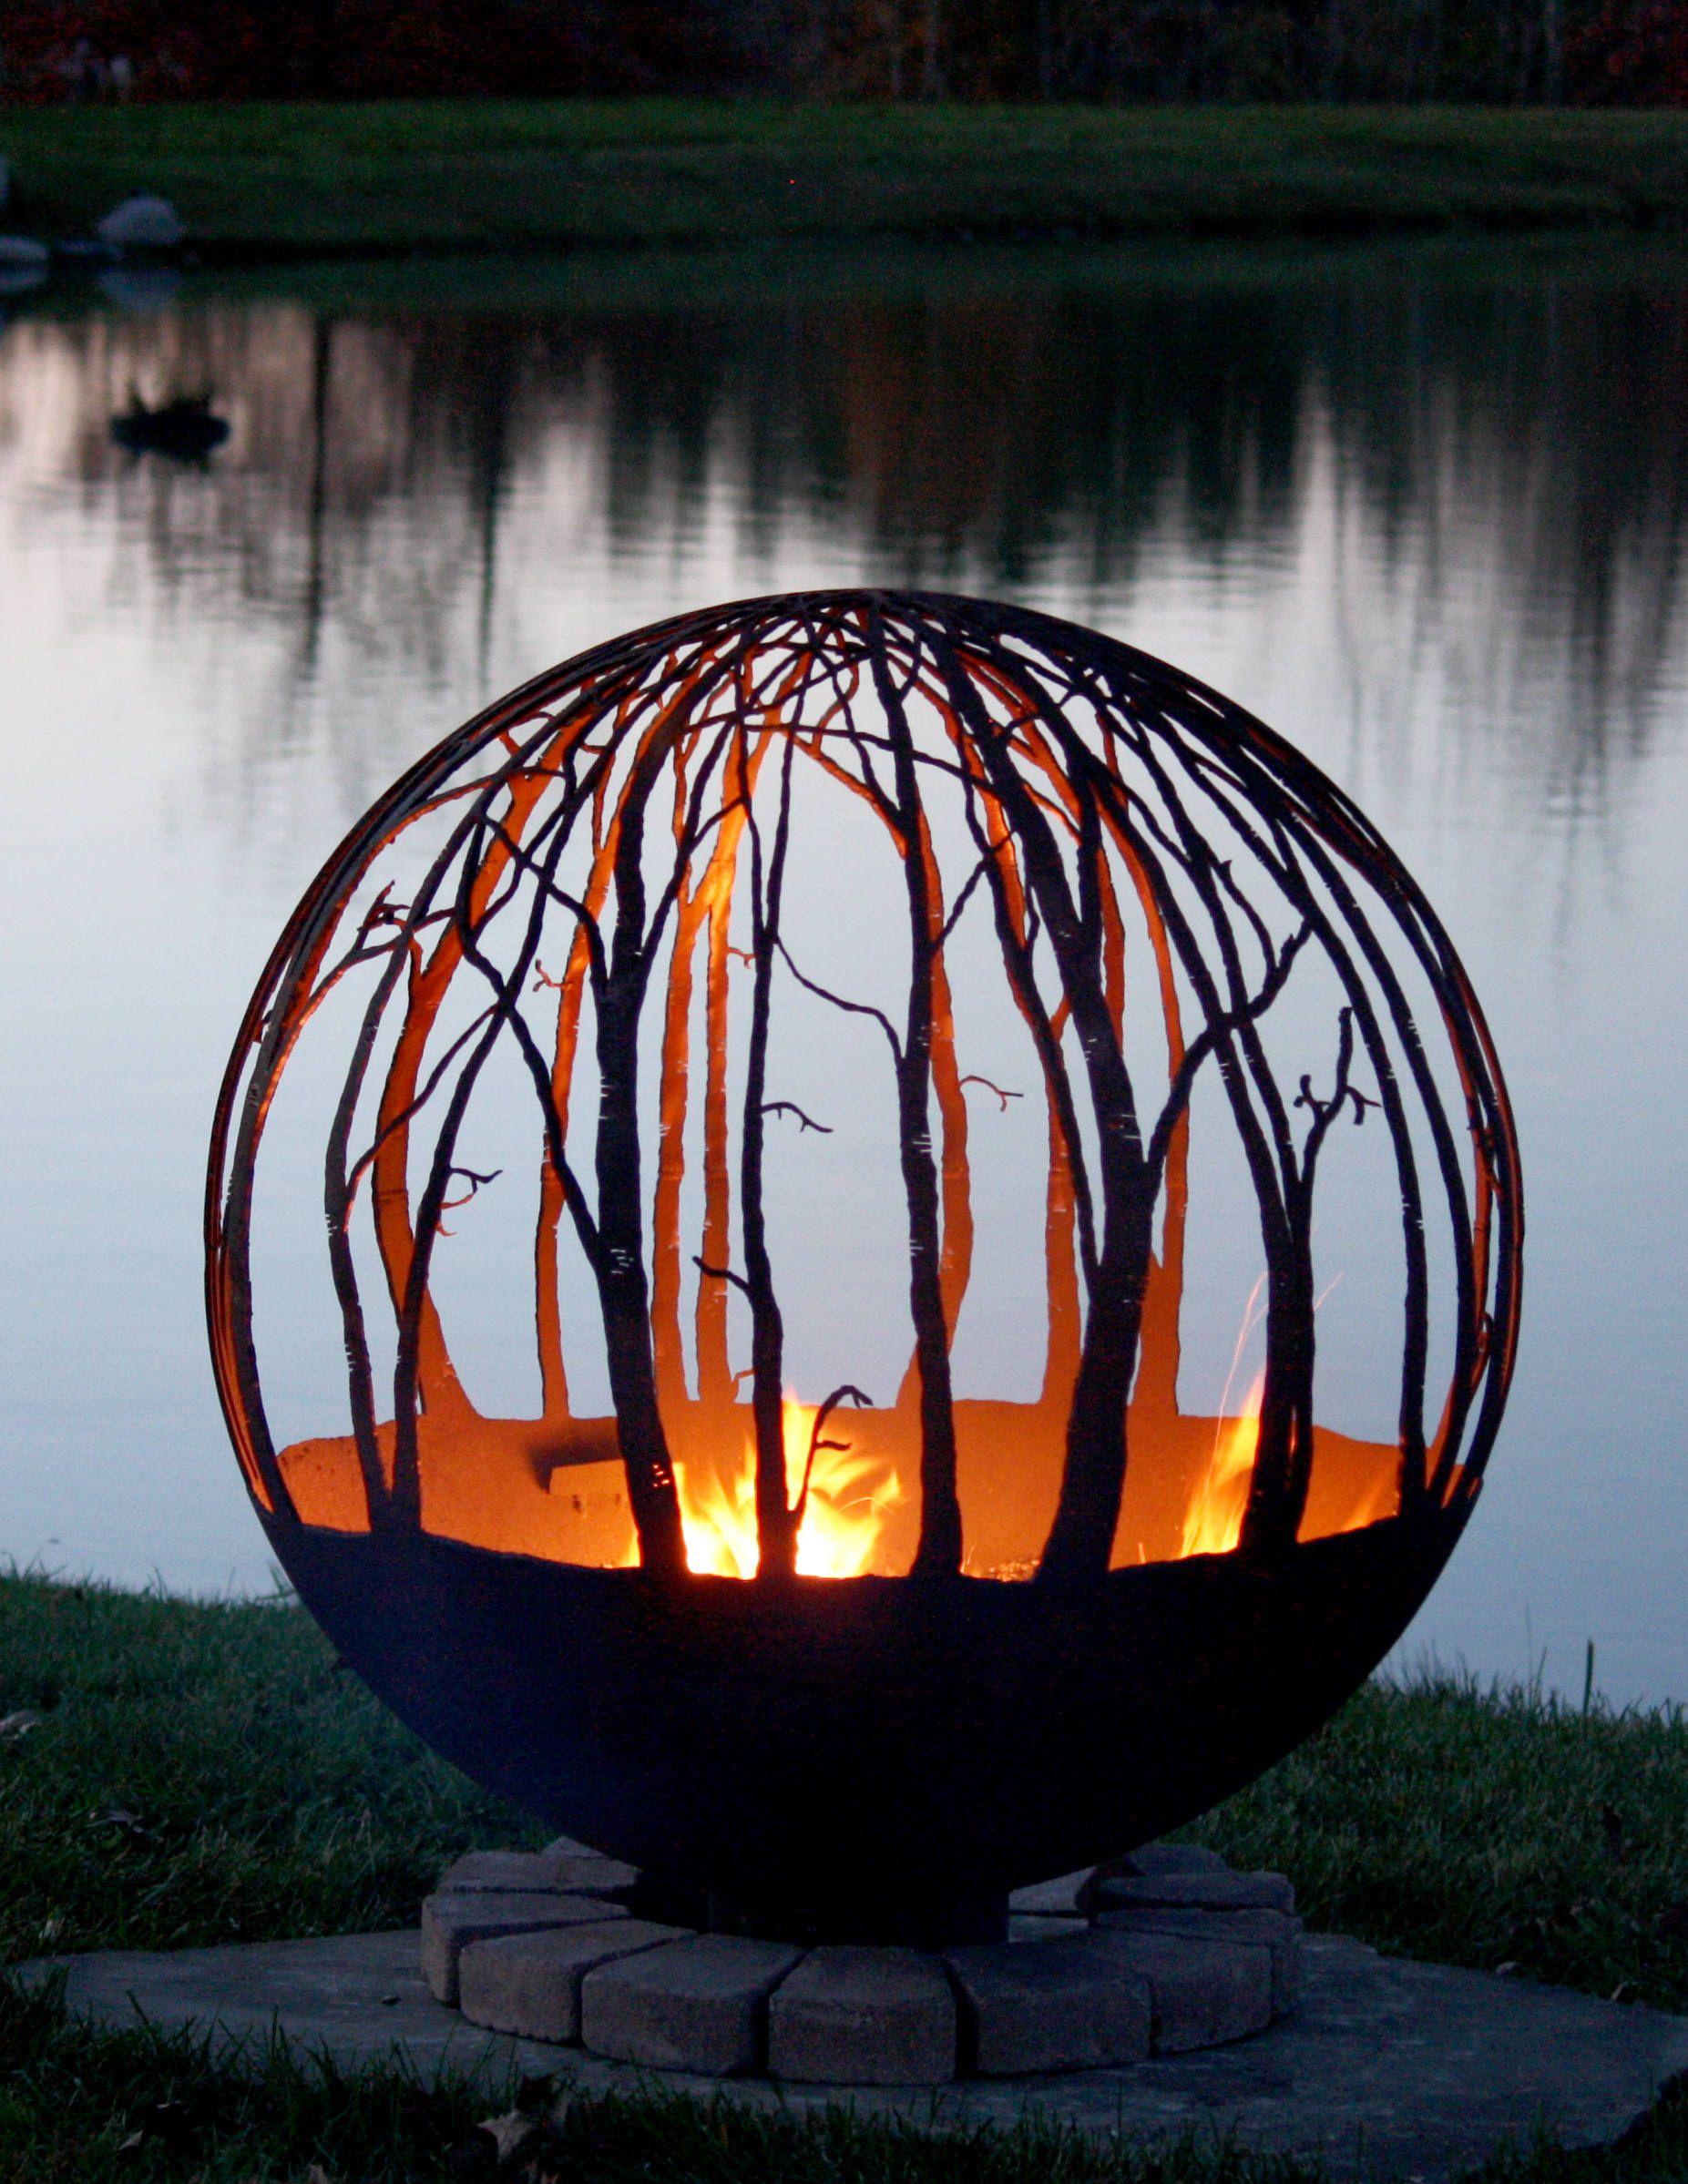 Winter Woods - Birch Tree Fire Pit | Outside fire pits ...